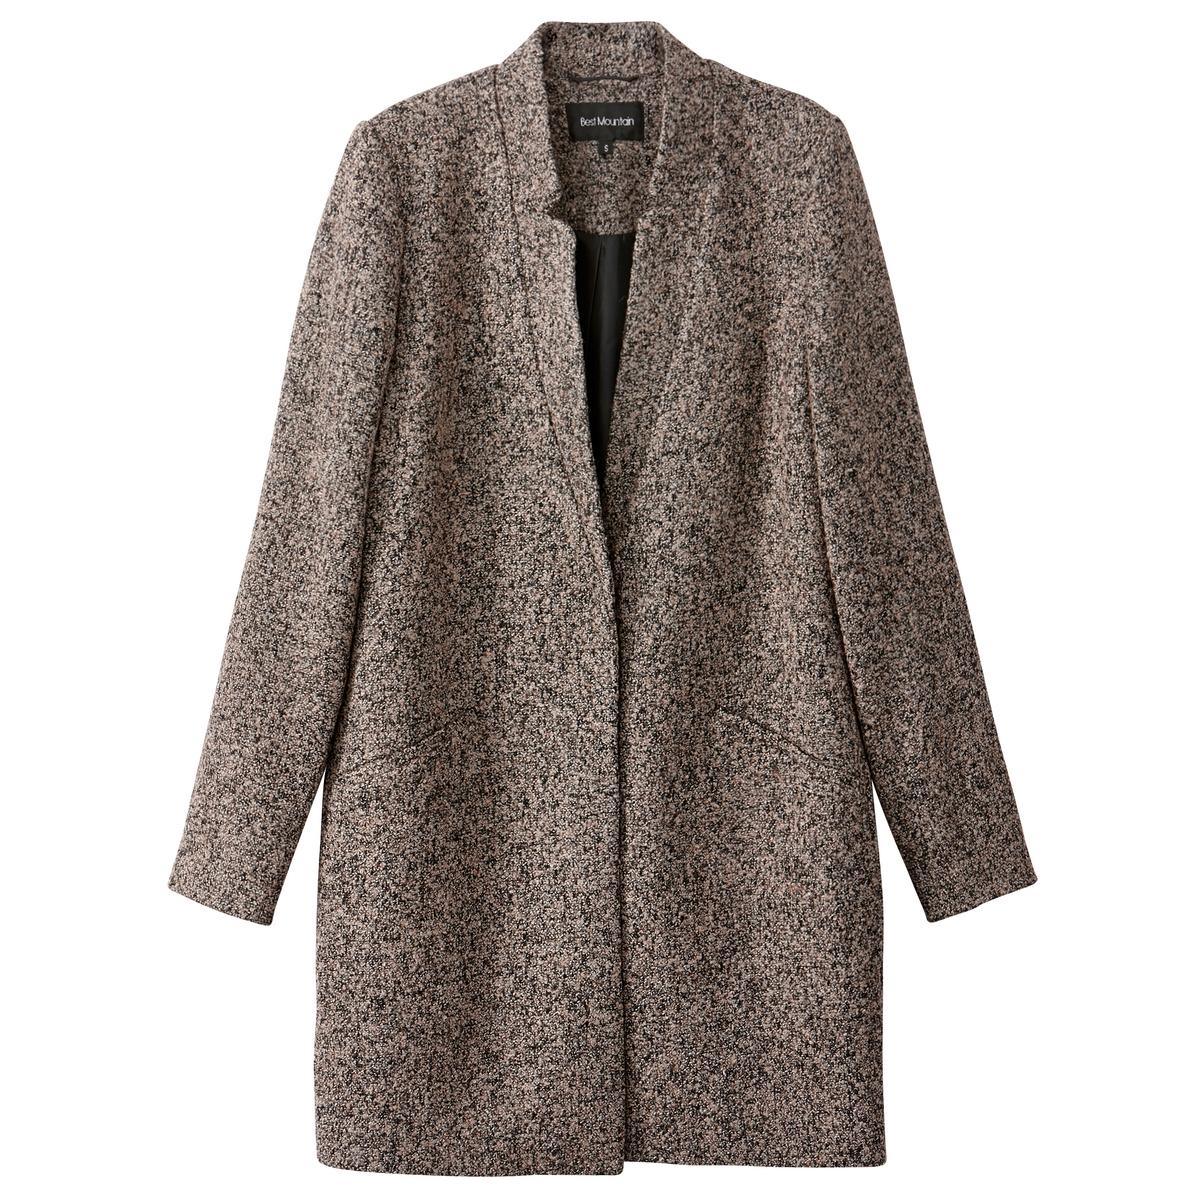 Пальто средней длиныОписание:Элегантное и изящное демисезонное женское пальто BEST MOUNTAIN. Прямой покрой. Костюмный воротник. Застежка на 1 пуговицу. 2 кармана.Детали •  Длина : средняя •  Воротник-поло, рубашечный  • Застежка на пуговицыСостав и уход •  30% вискозы, 15% хлопка, 55% полиэстера •  Следуйте рекомендациям по уходу, указанным на этикетке изделия<br><br>Цвет: каштановый<br>Размер: S.L.M